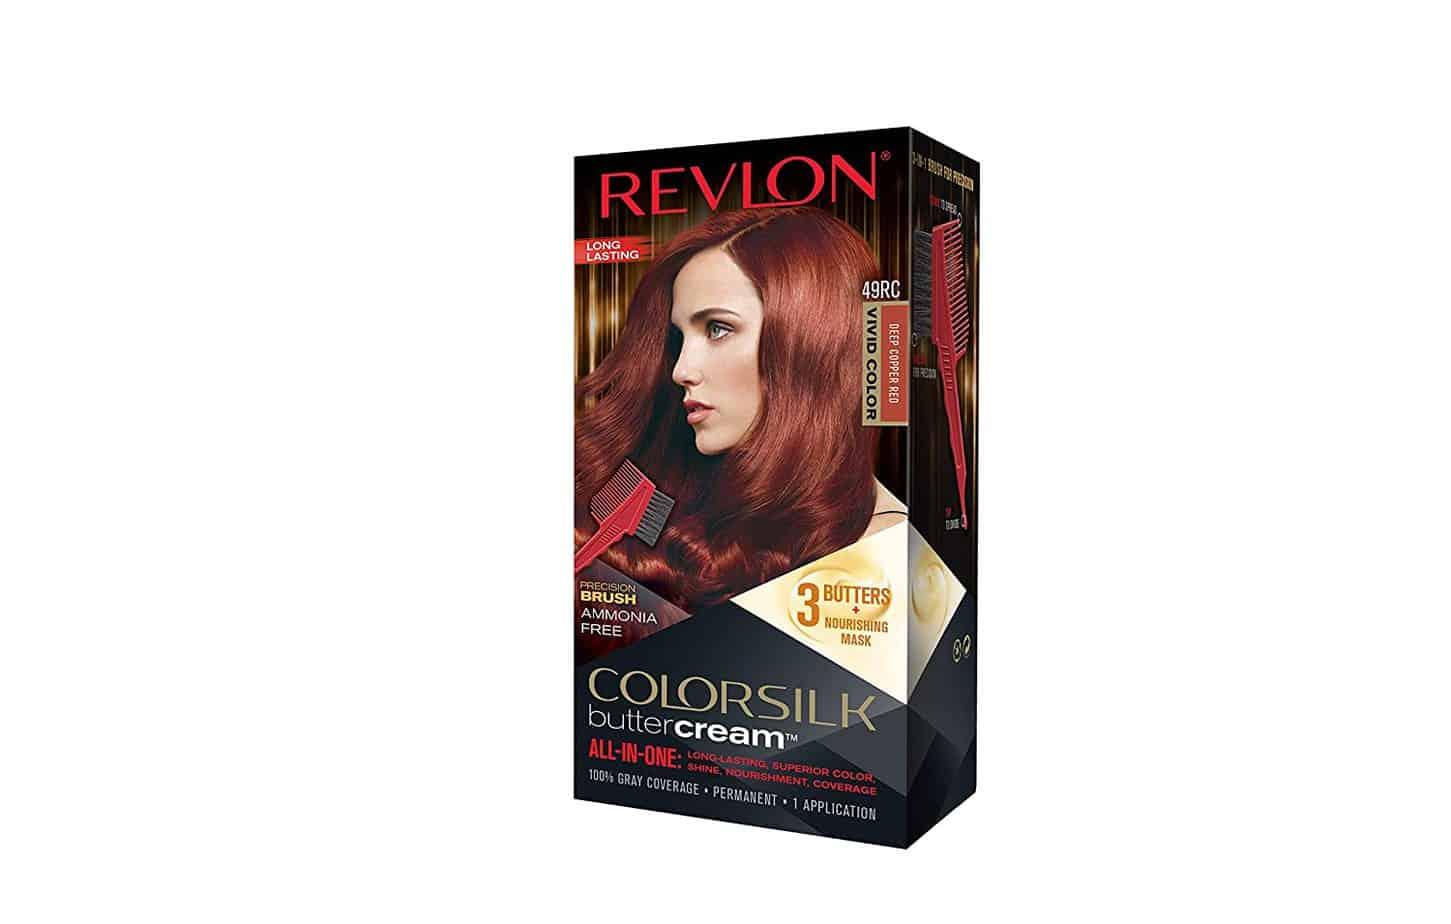 Revlon Coloursilk Buttercream Hair Dye